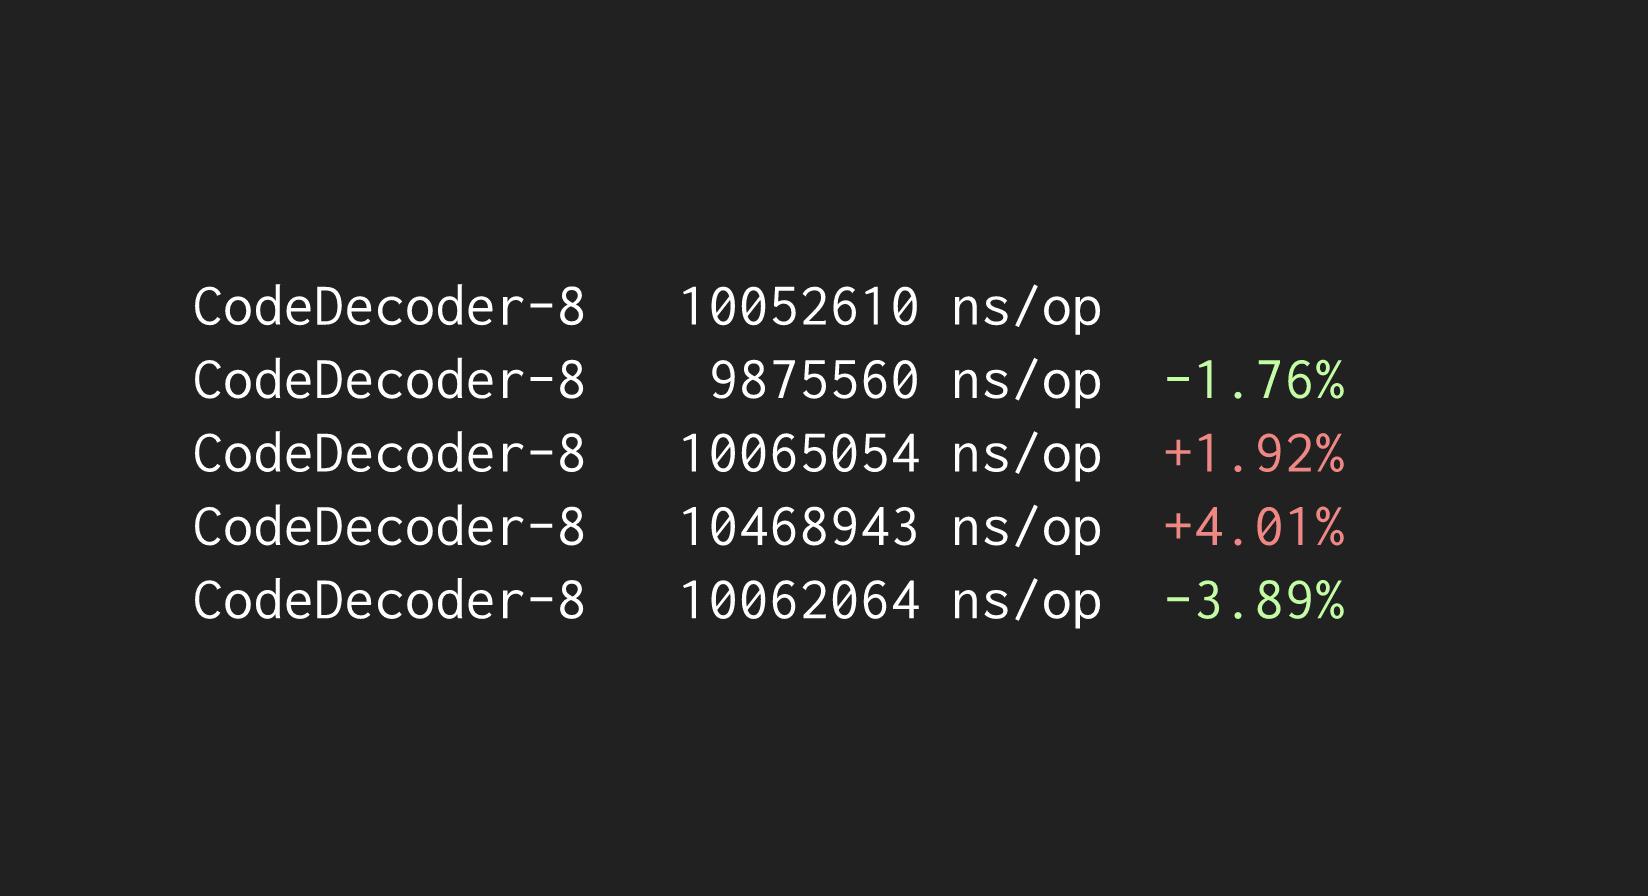 json CodeDecoder comparison